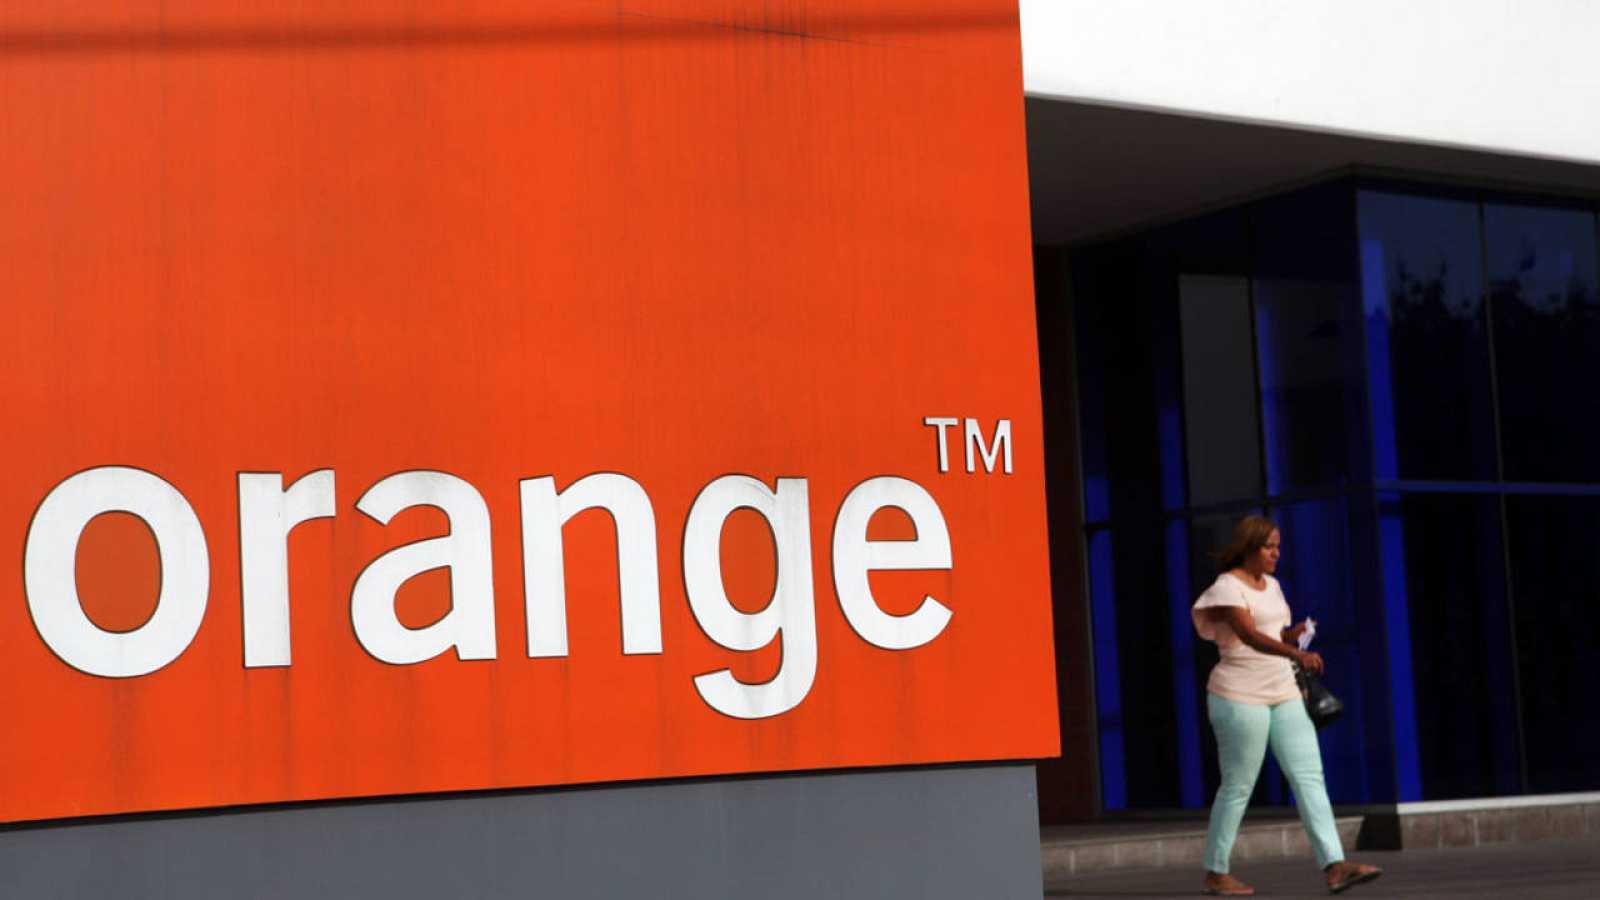 Logotipo de la empresa Orange